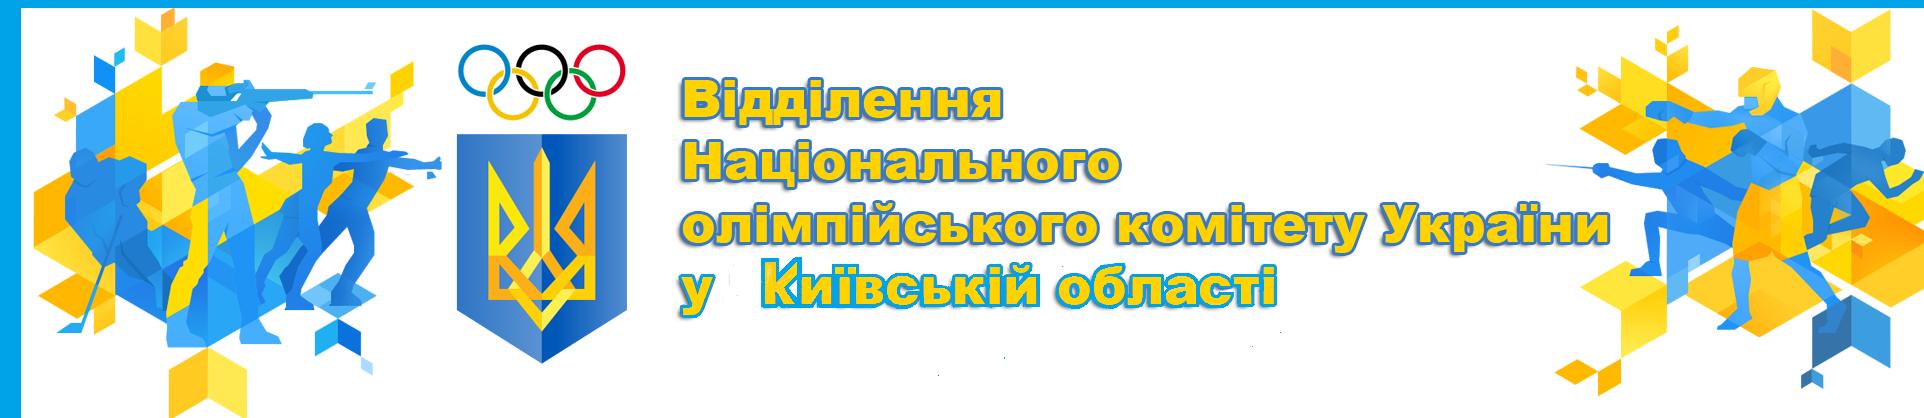 Відділення НОК України в Київській області